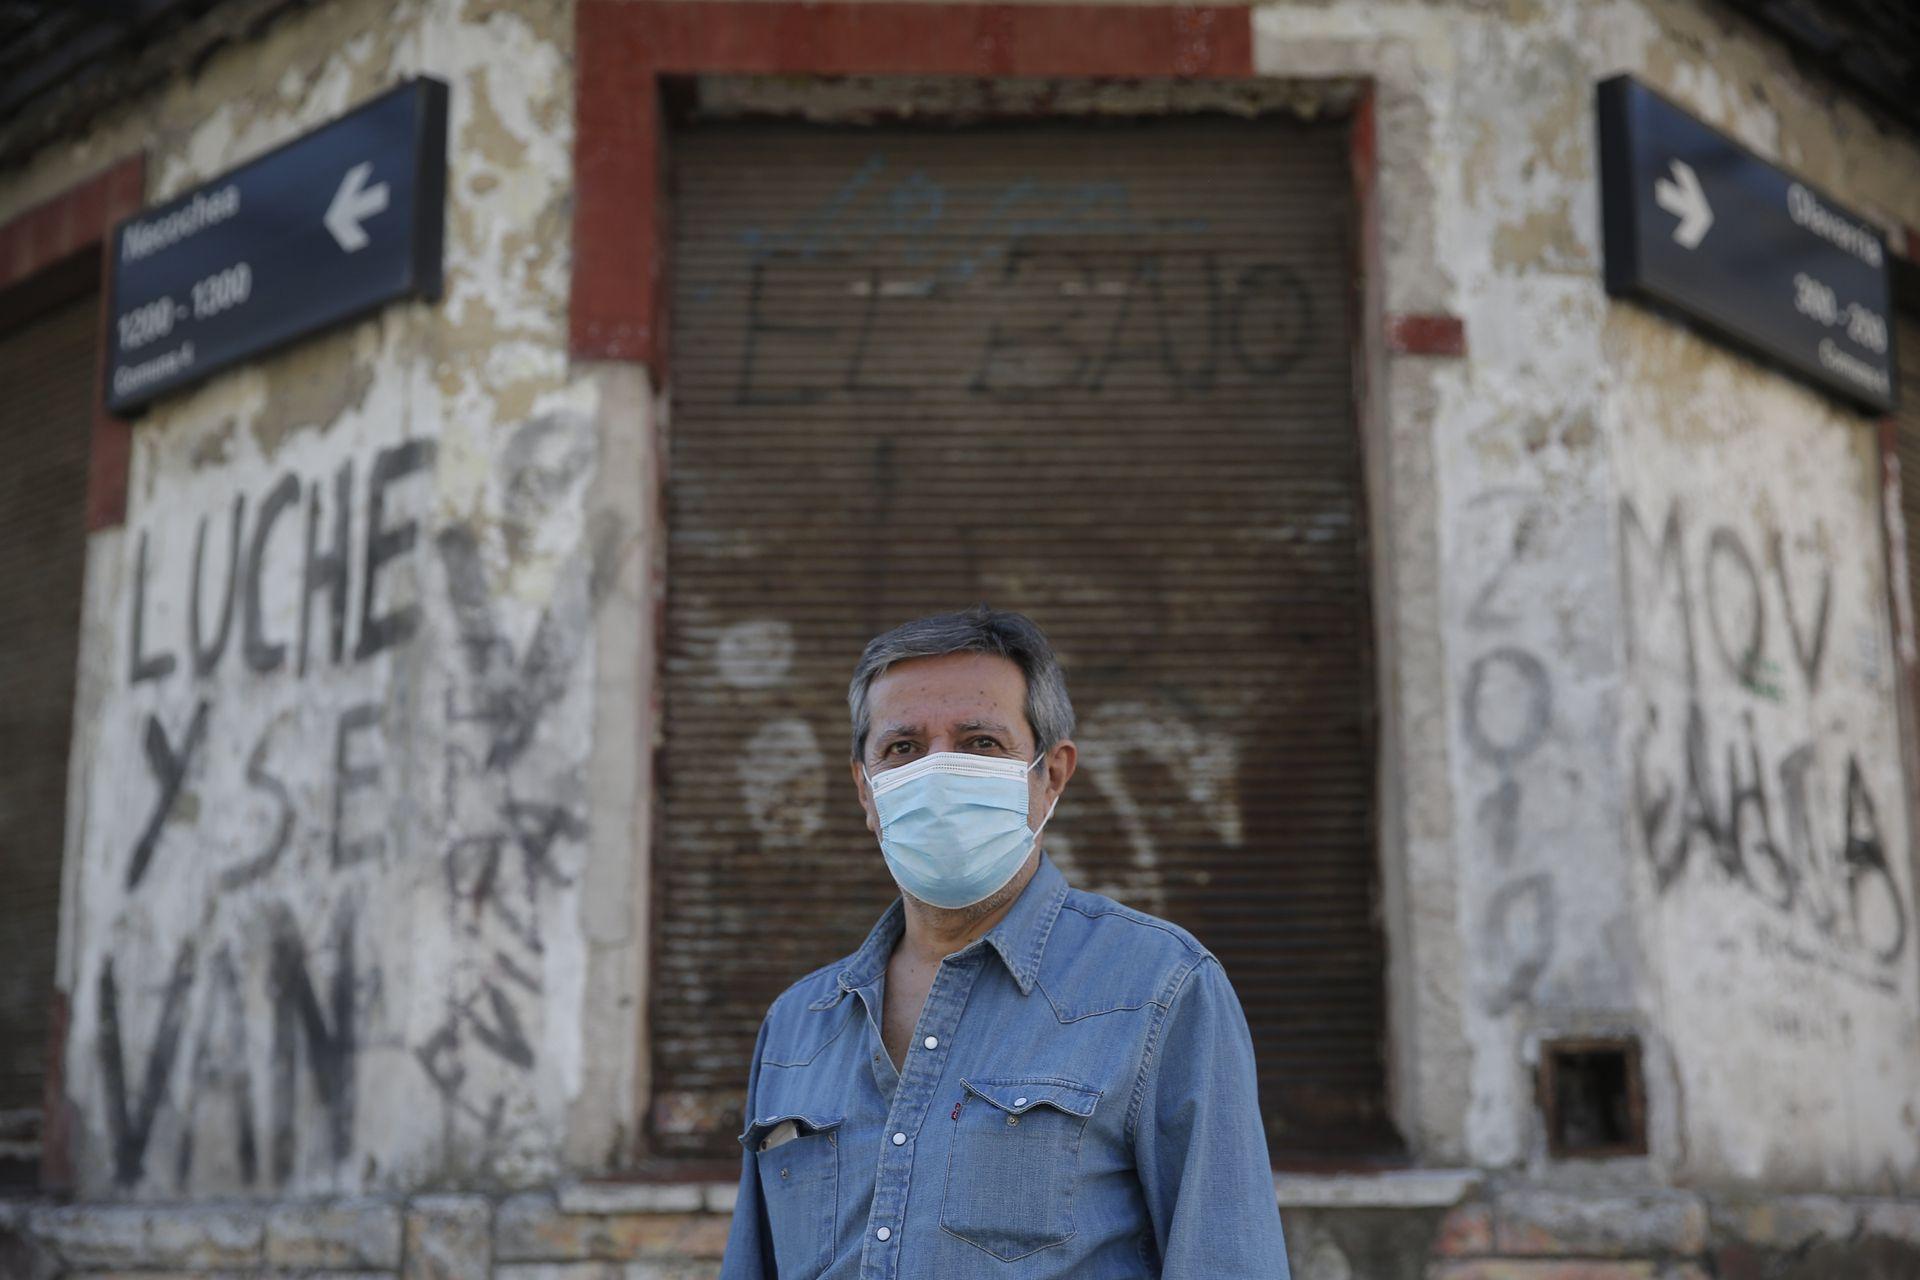 José Pedernera en el frente del edificio en ruinas de la cantina La Cueva de Zingarella, donde trabajó como mozo entre 1970 y 1979